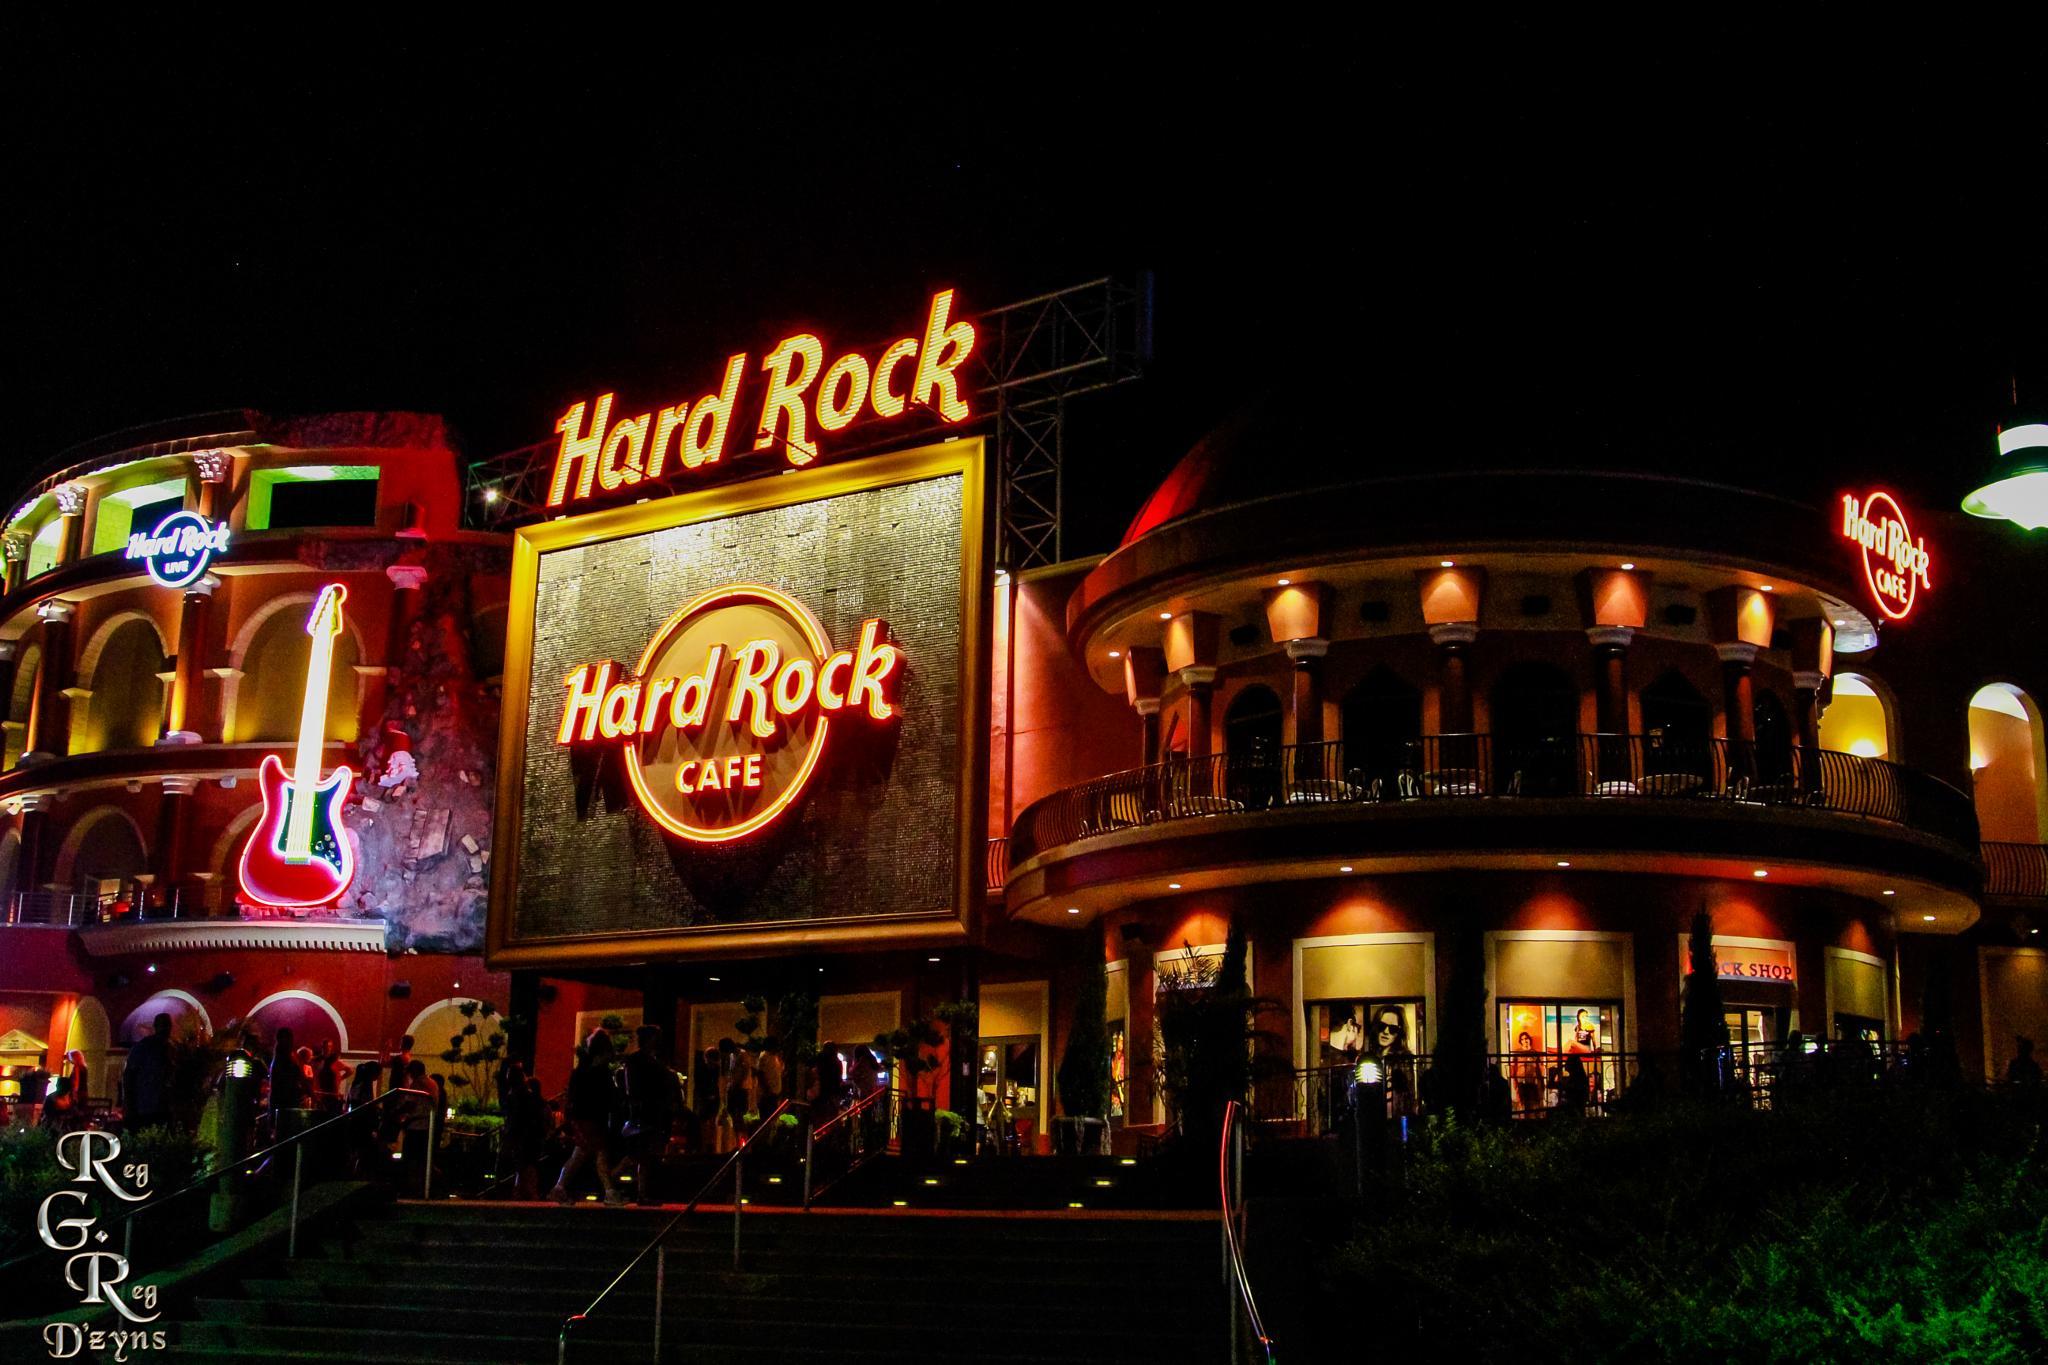 Hard Rock Cafe by RegGRegDzyns